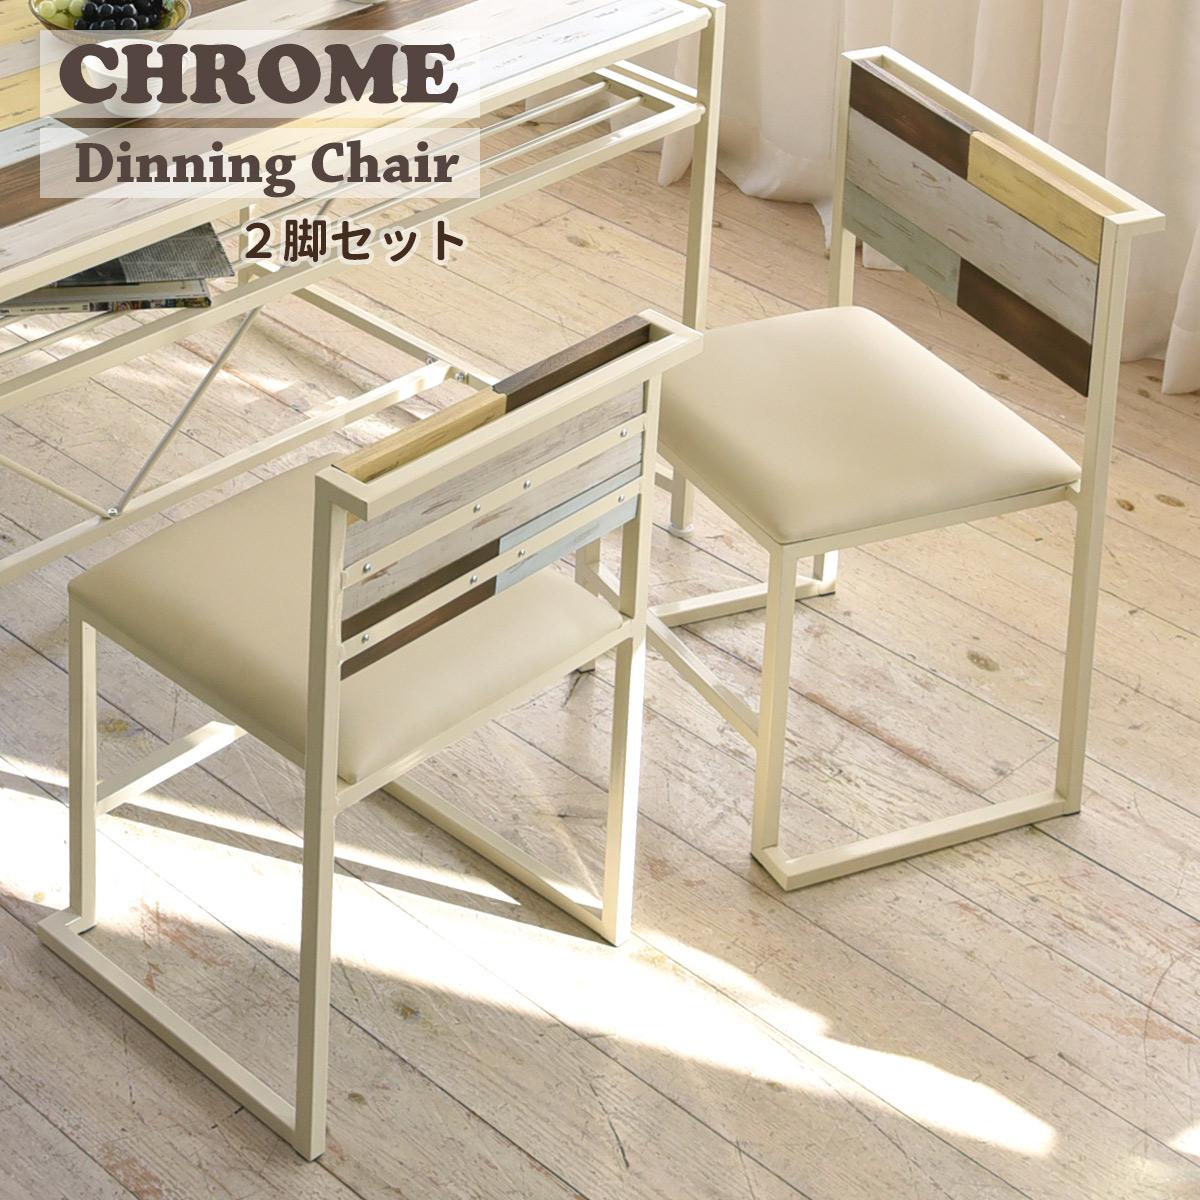 CHROME ダイニングチェアー 2個セット CHDC-450-2P ダイニングチェア 天然木 北欧 シンプル スタッキング アイアン